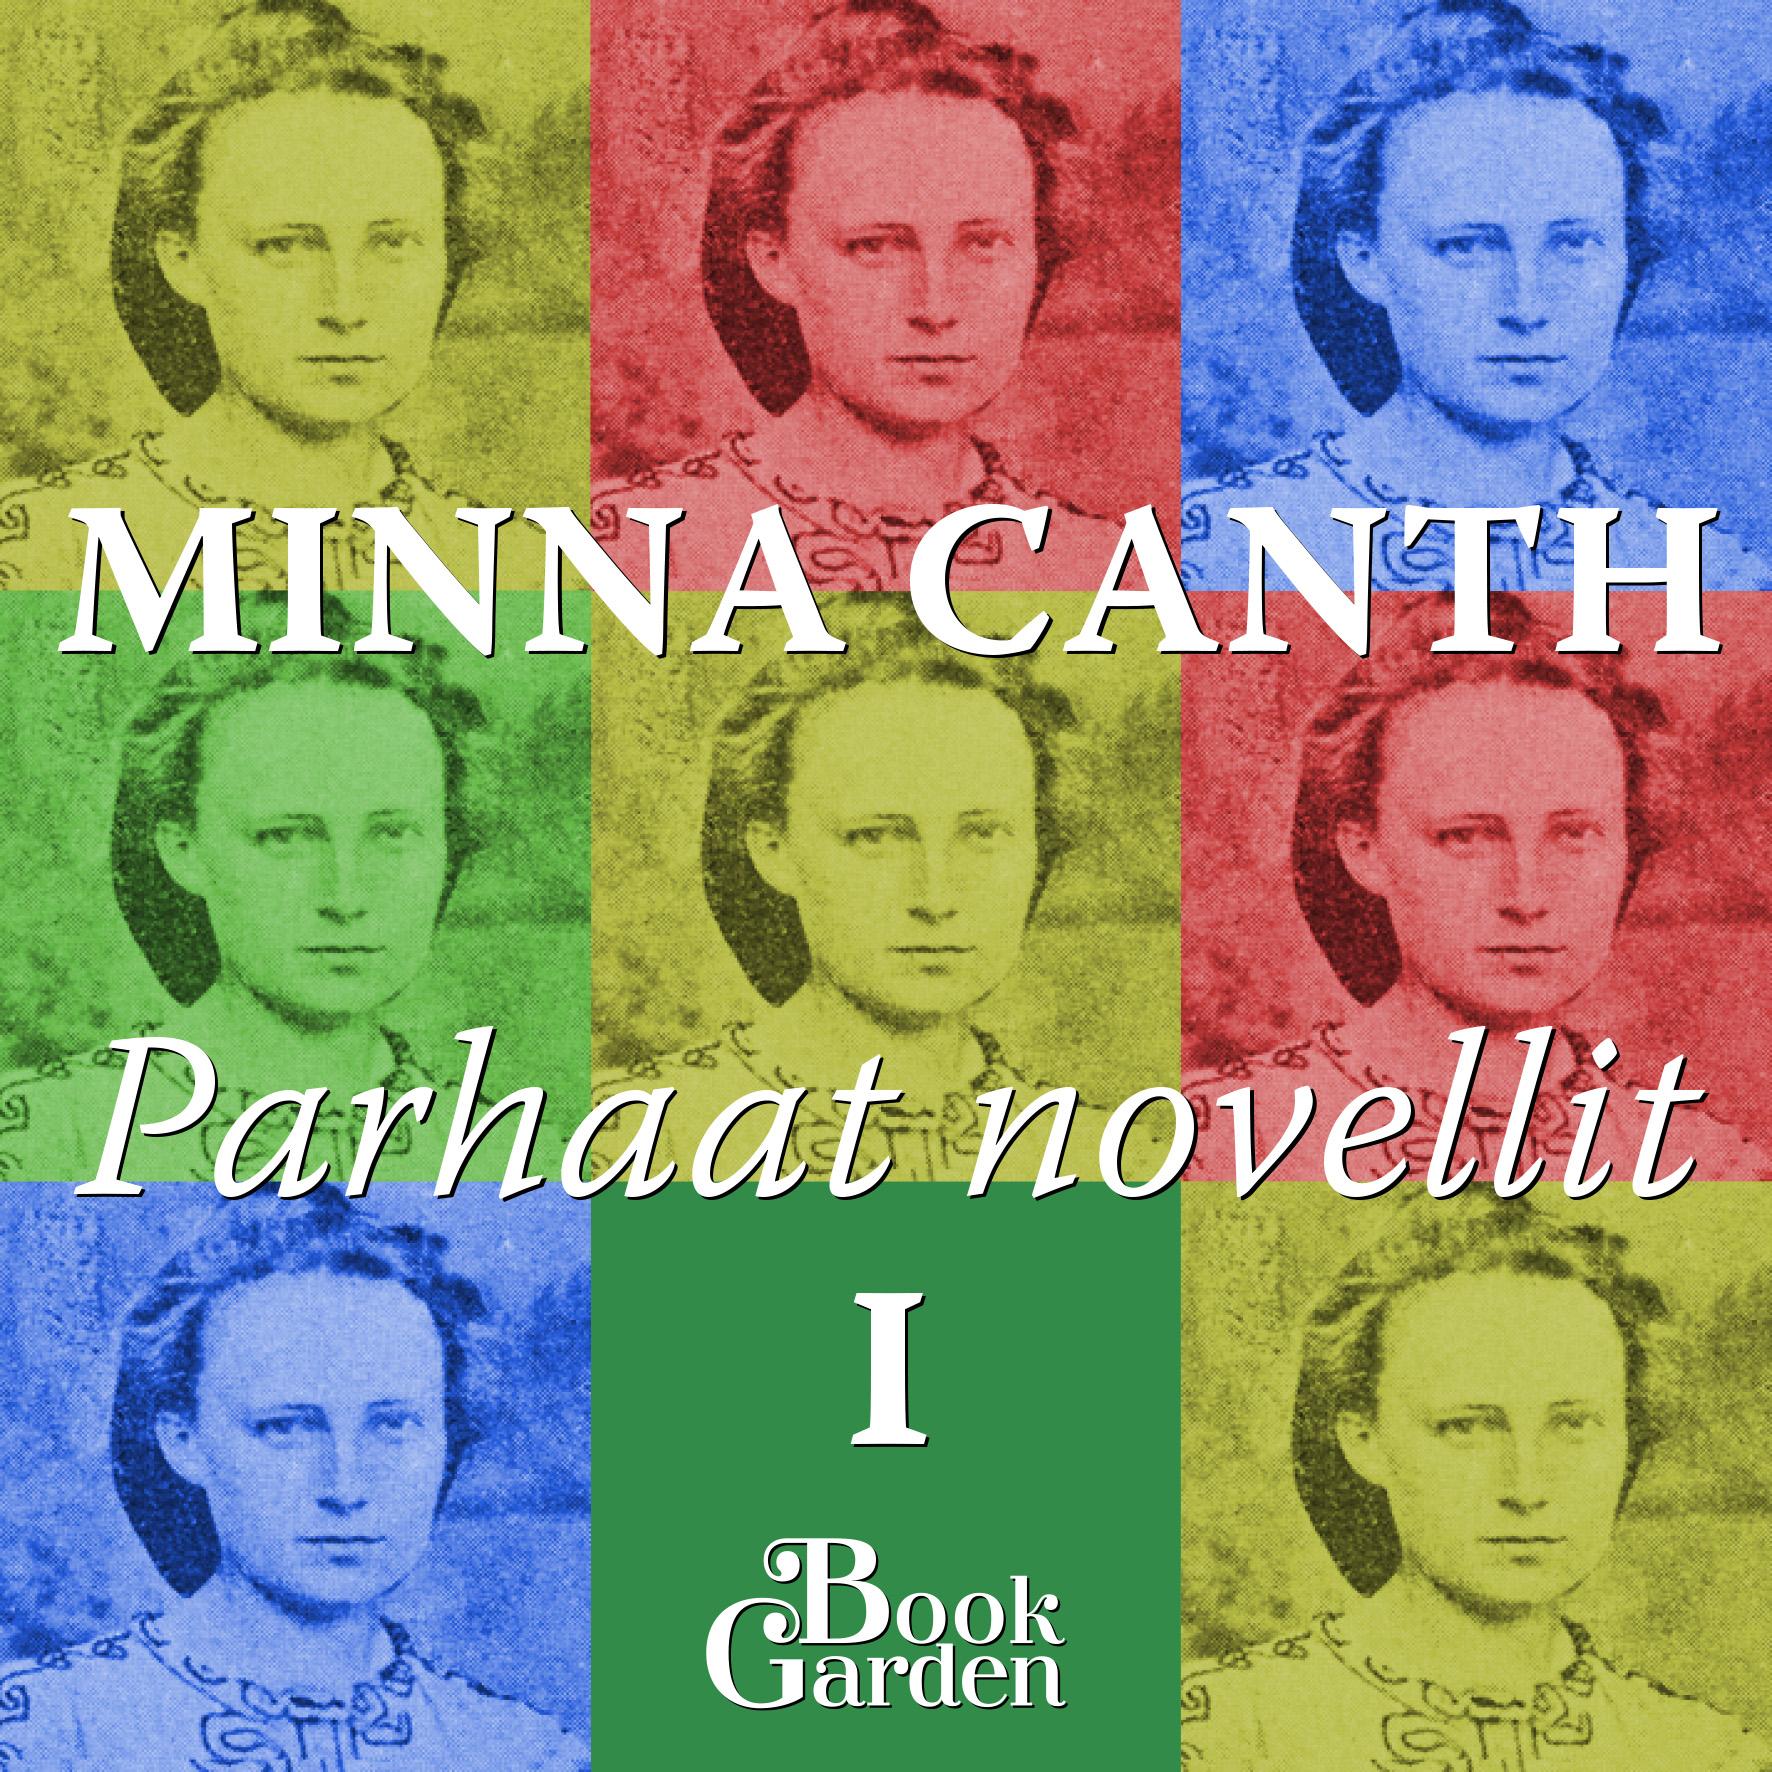 Minna Canth: Parhaat novellit I